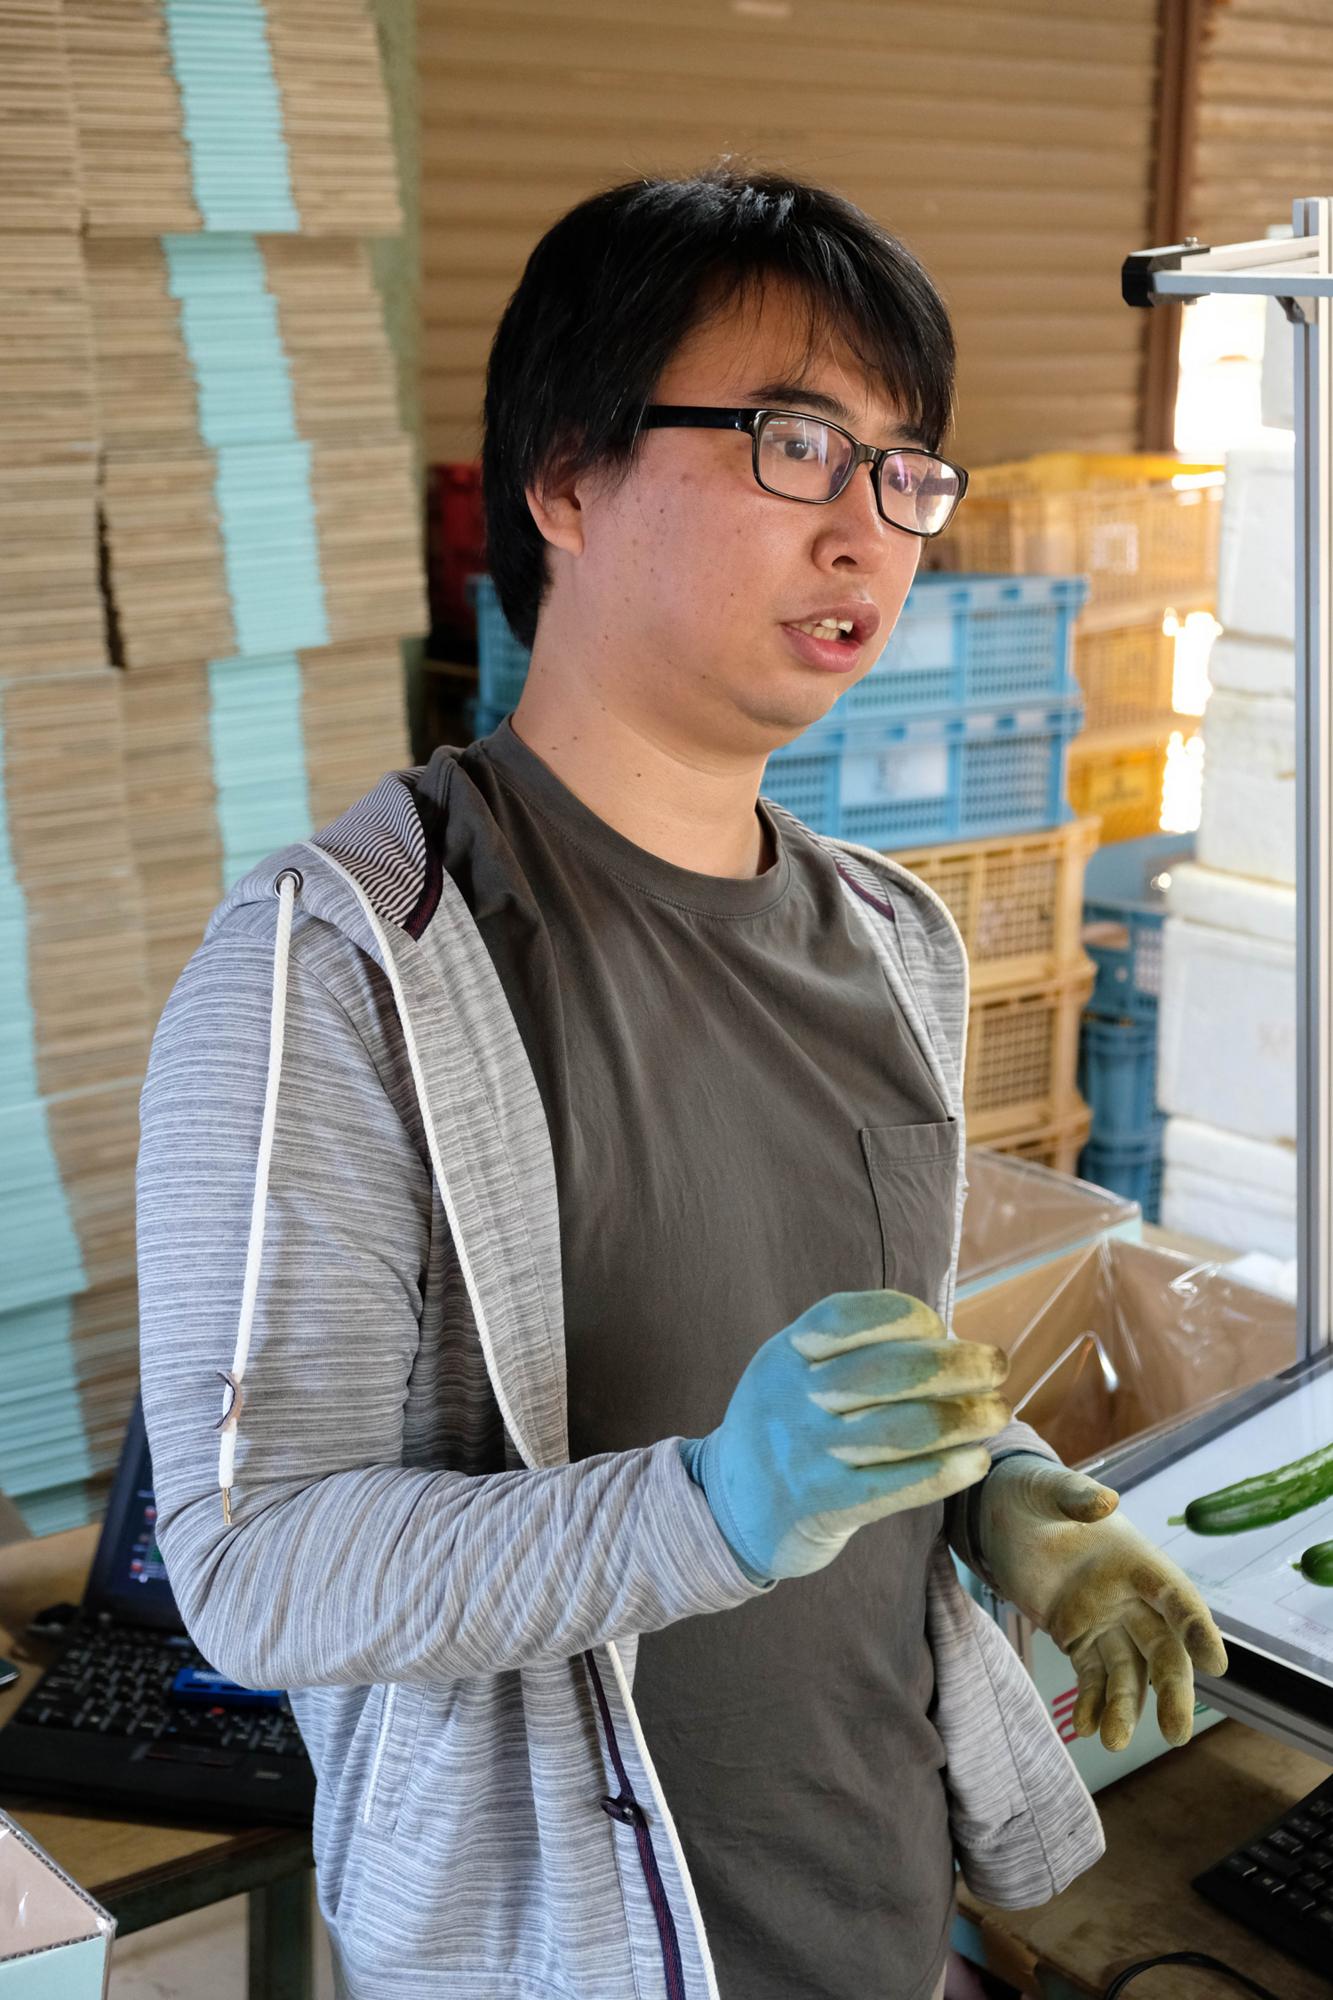 きゅうりの仕分けについて説明する小池誠さん。以前は名古屋で組み込み系のエンジニアをしていた